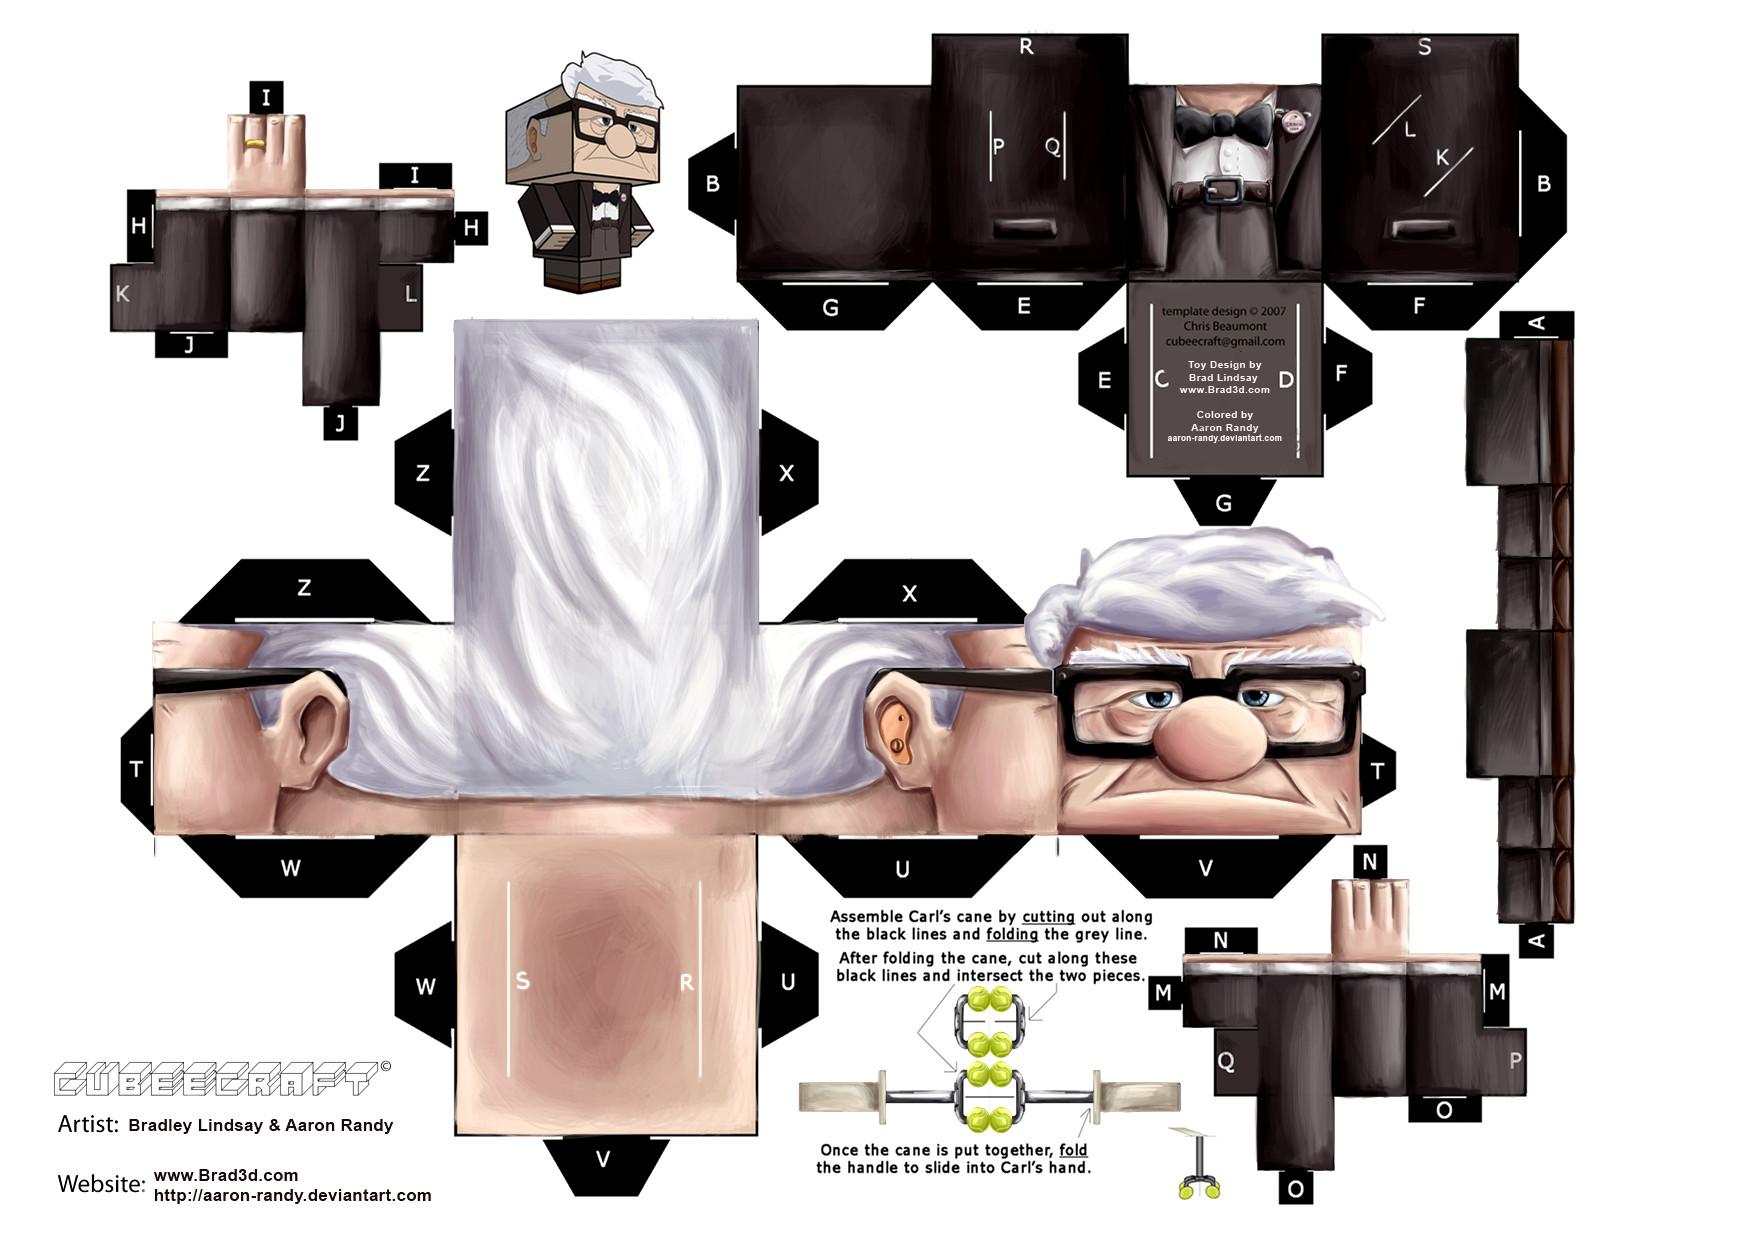 Famoso Un attacco d'arte dedicato ad UP - The PaRRoT FX62